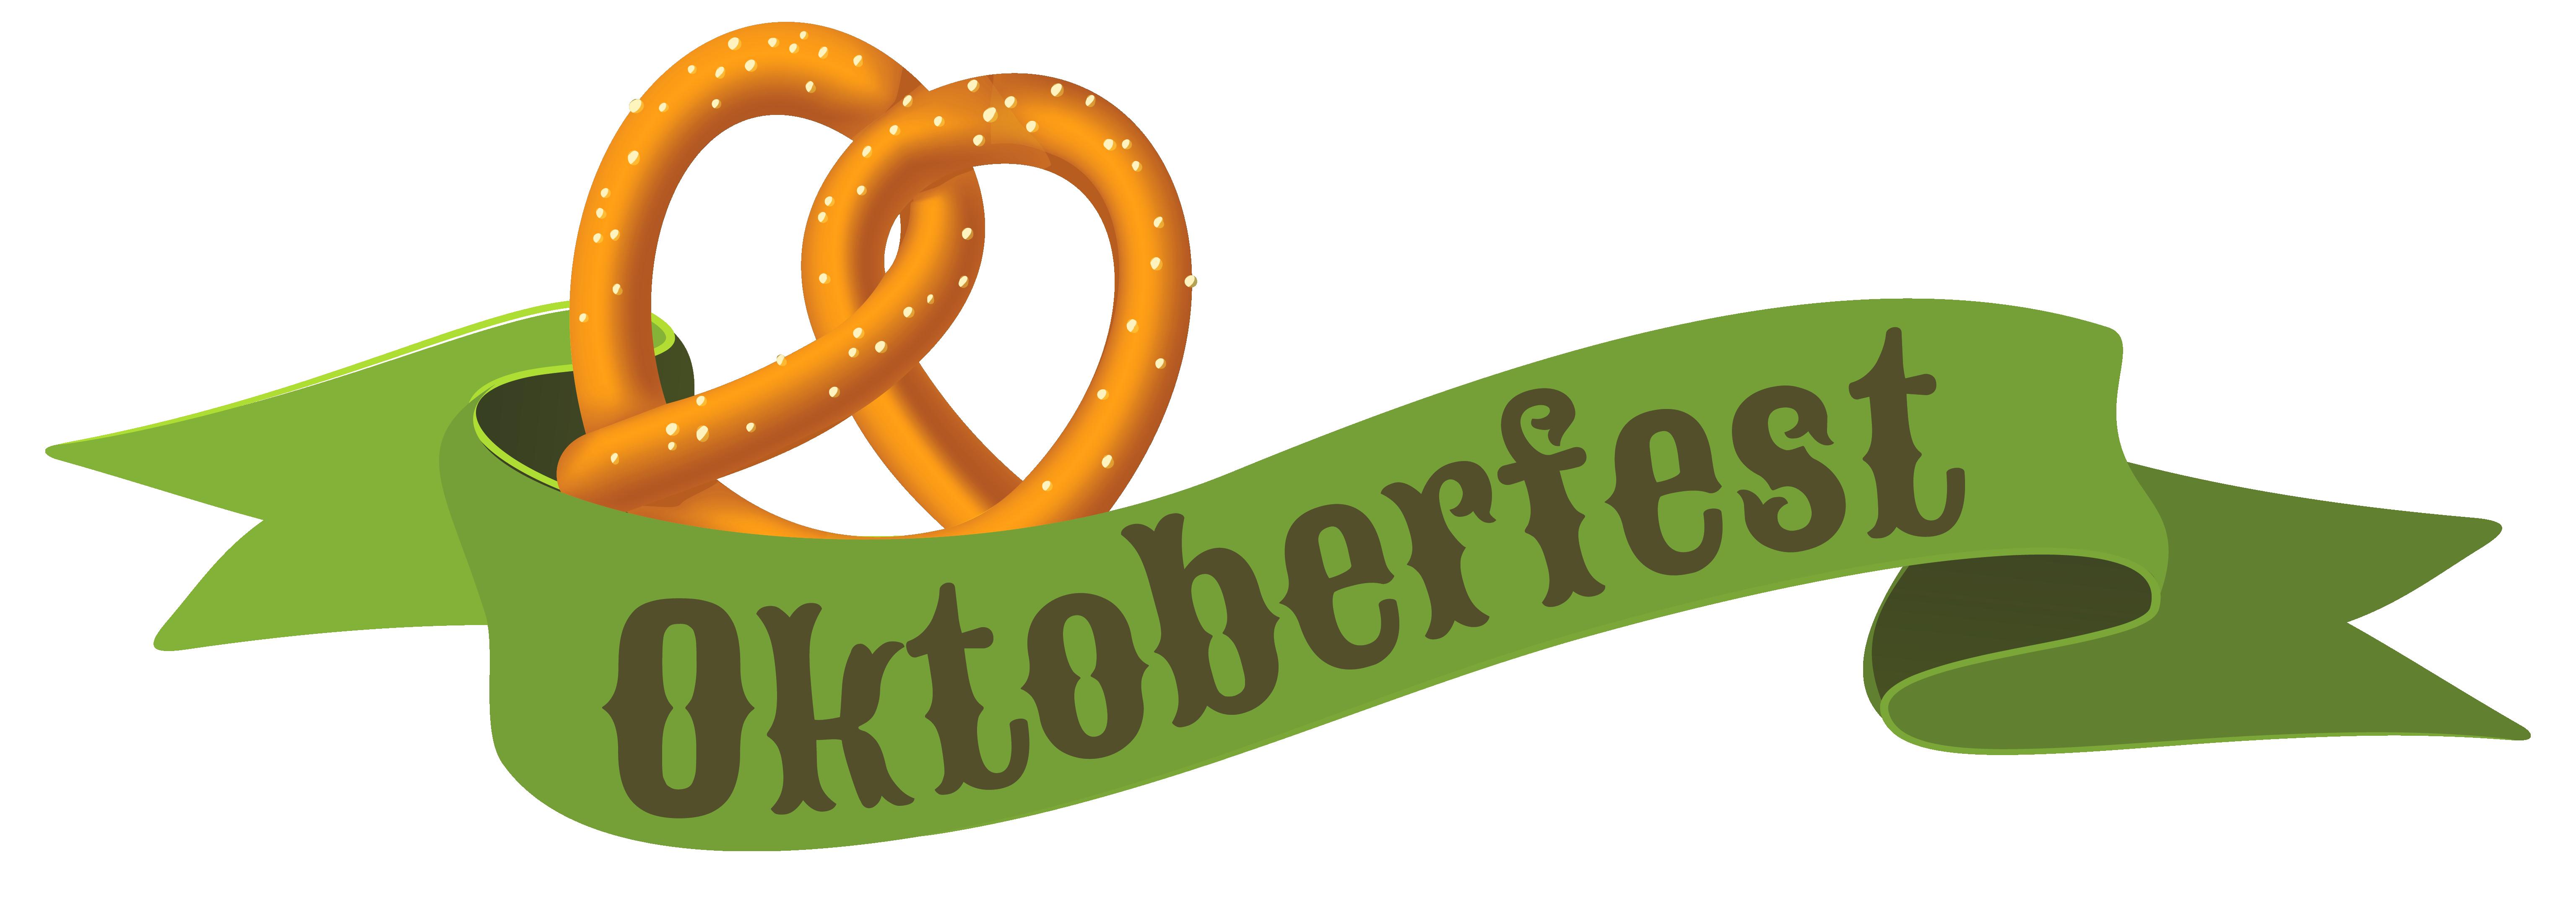 Oktoberfest clipart png image transparent library Oktoberfest Green Banner PNG Clipart Image | Gallery Yopriceville ... image transparent library